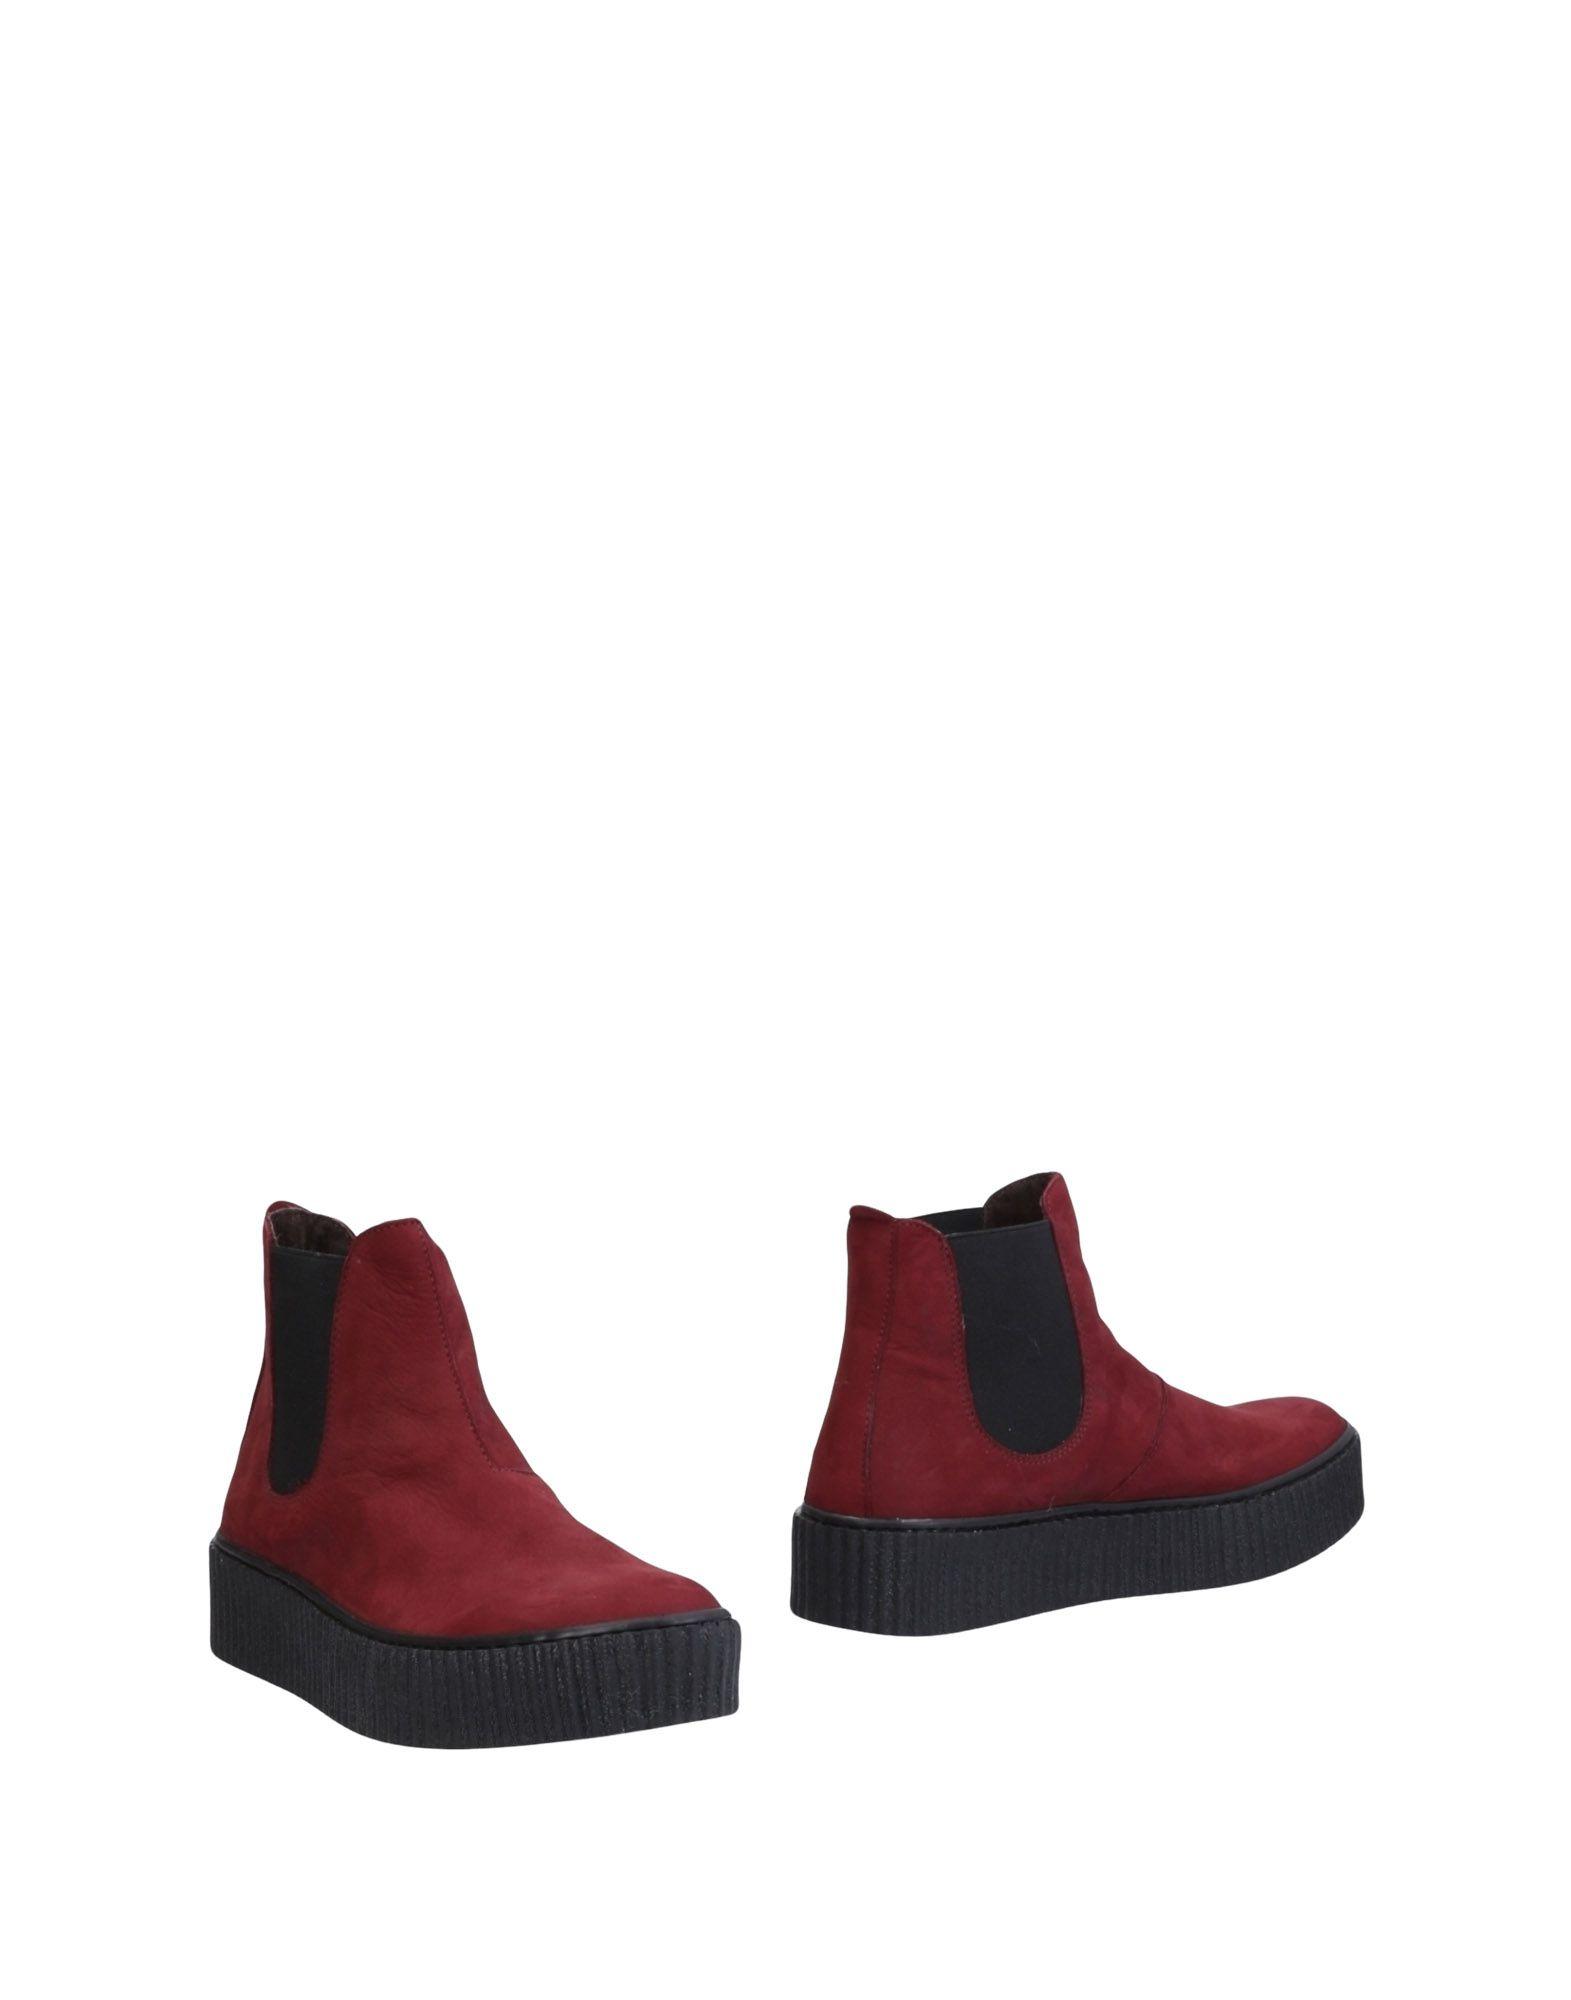 Chelsea Boots Tsd12 Tsd12 Tsd12 Donna - 11453999HD f3987a